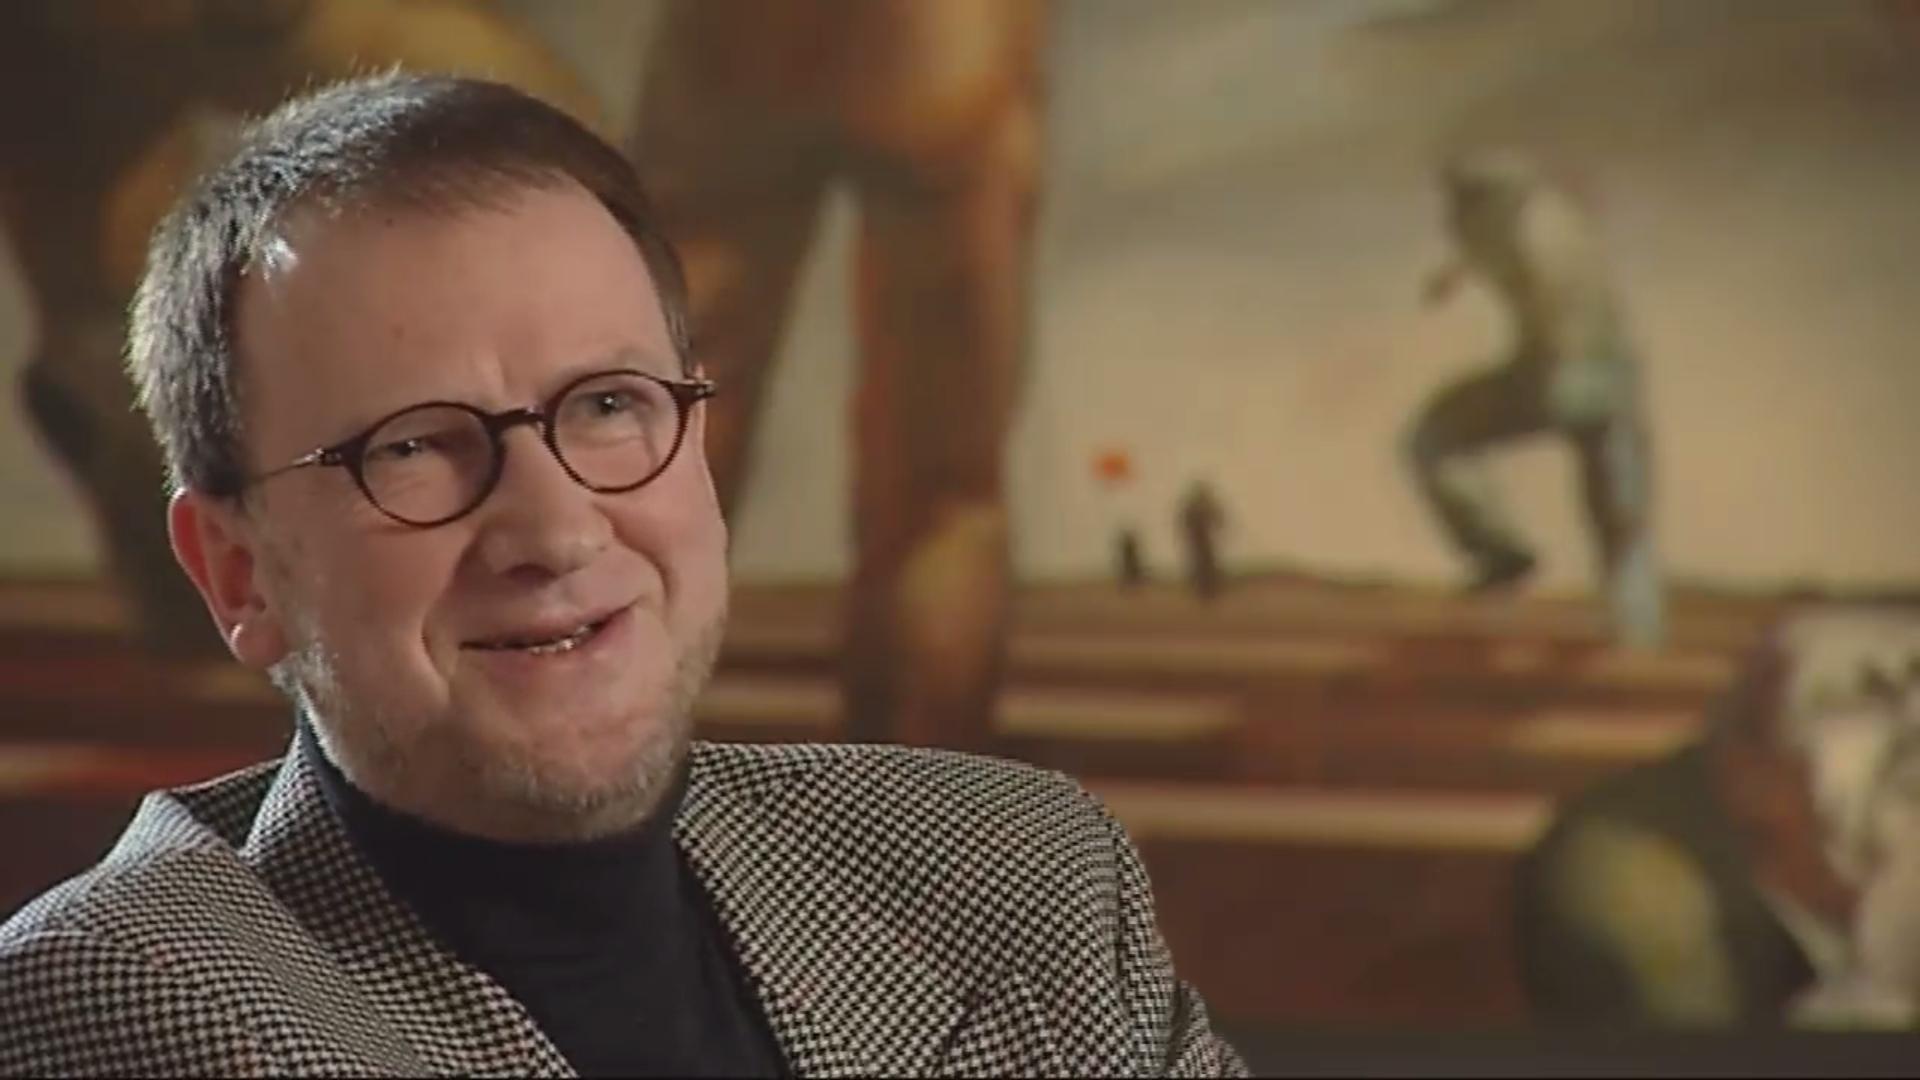 Emil Schnell. Quelle: Heimatfilm GbR, 2009